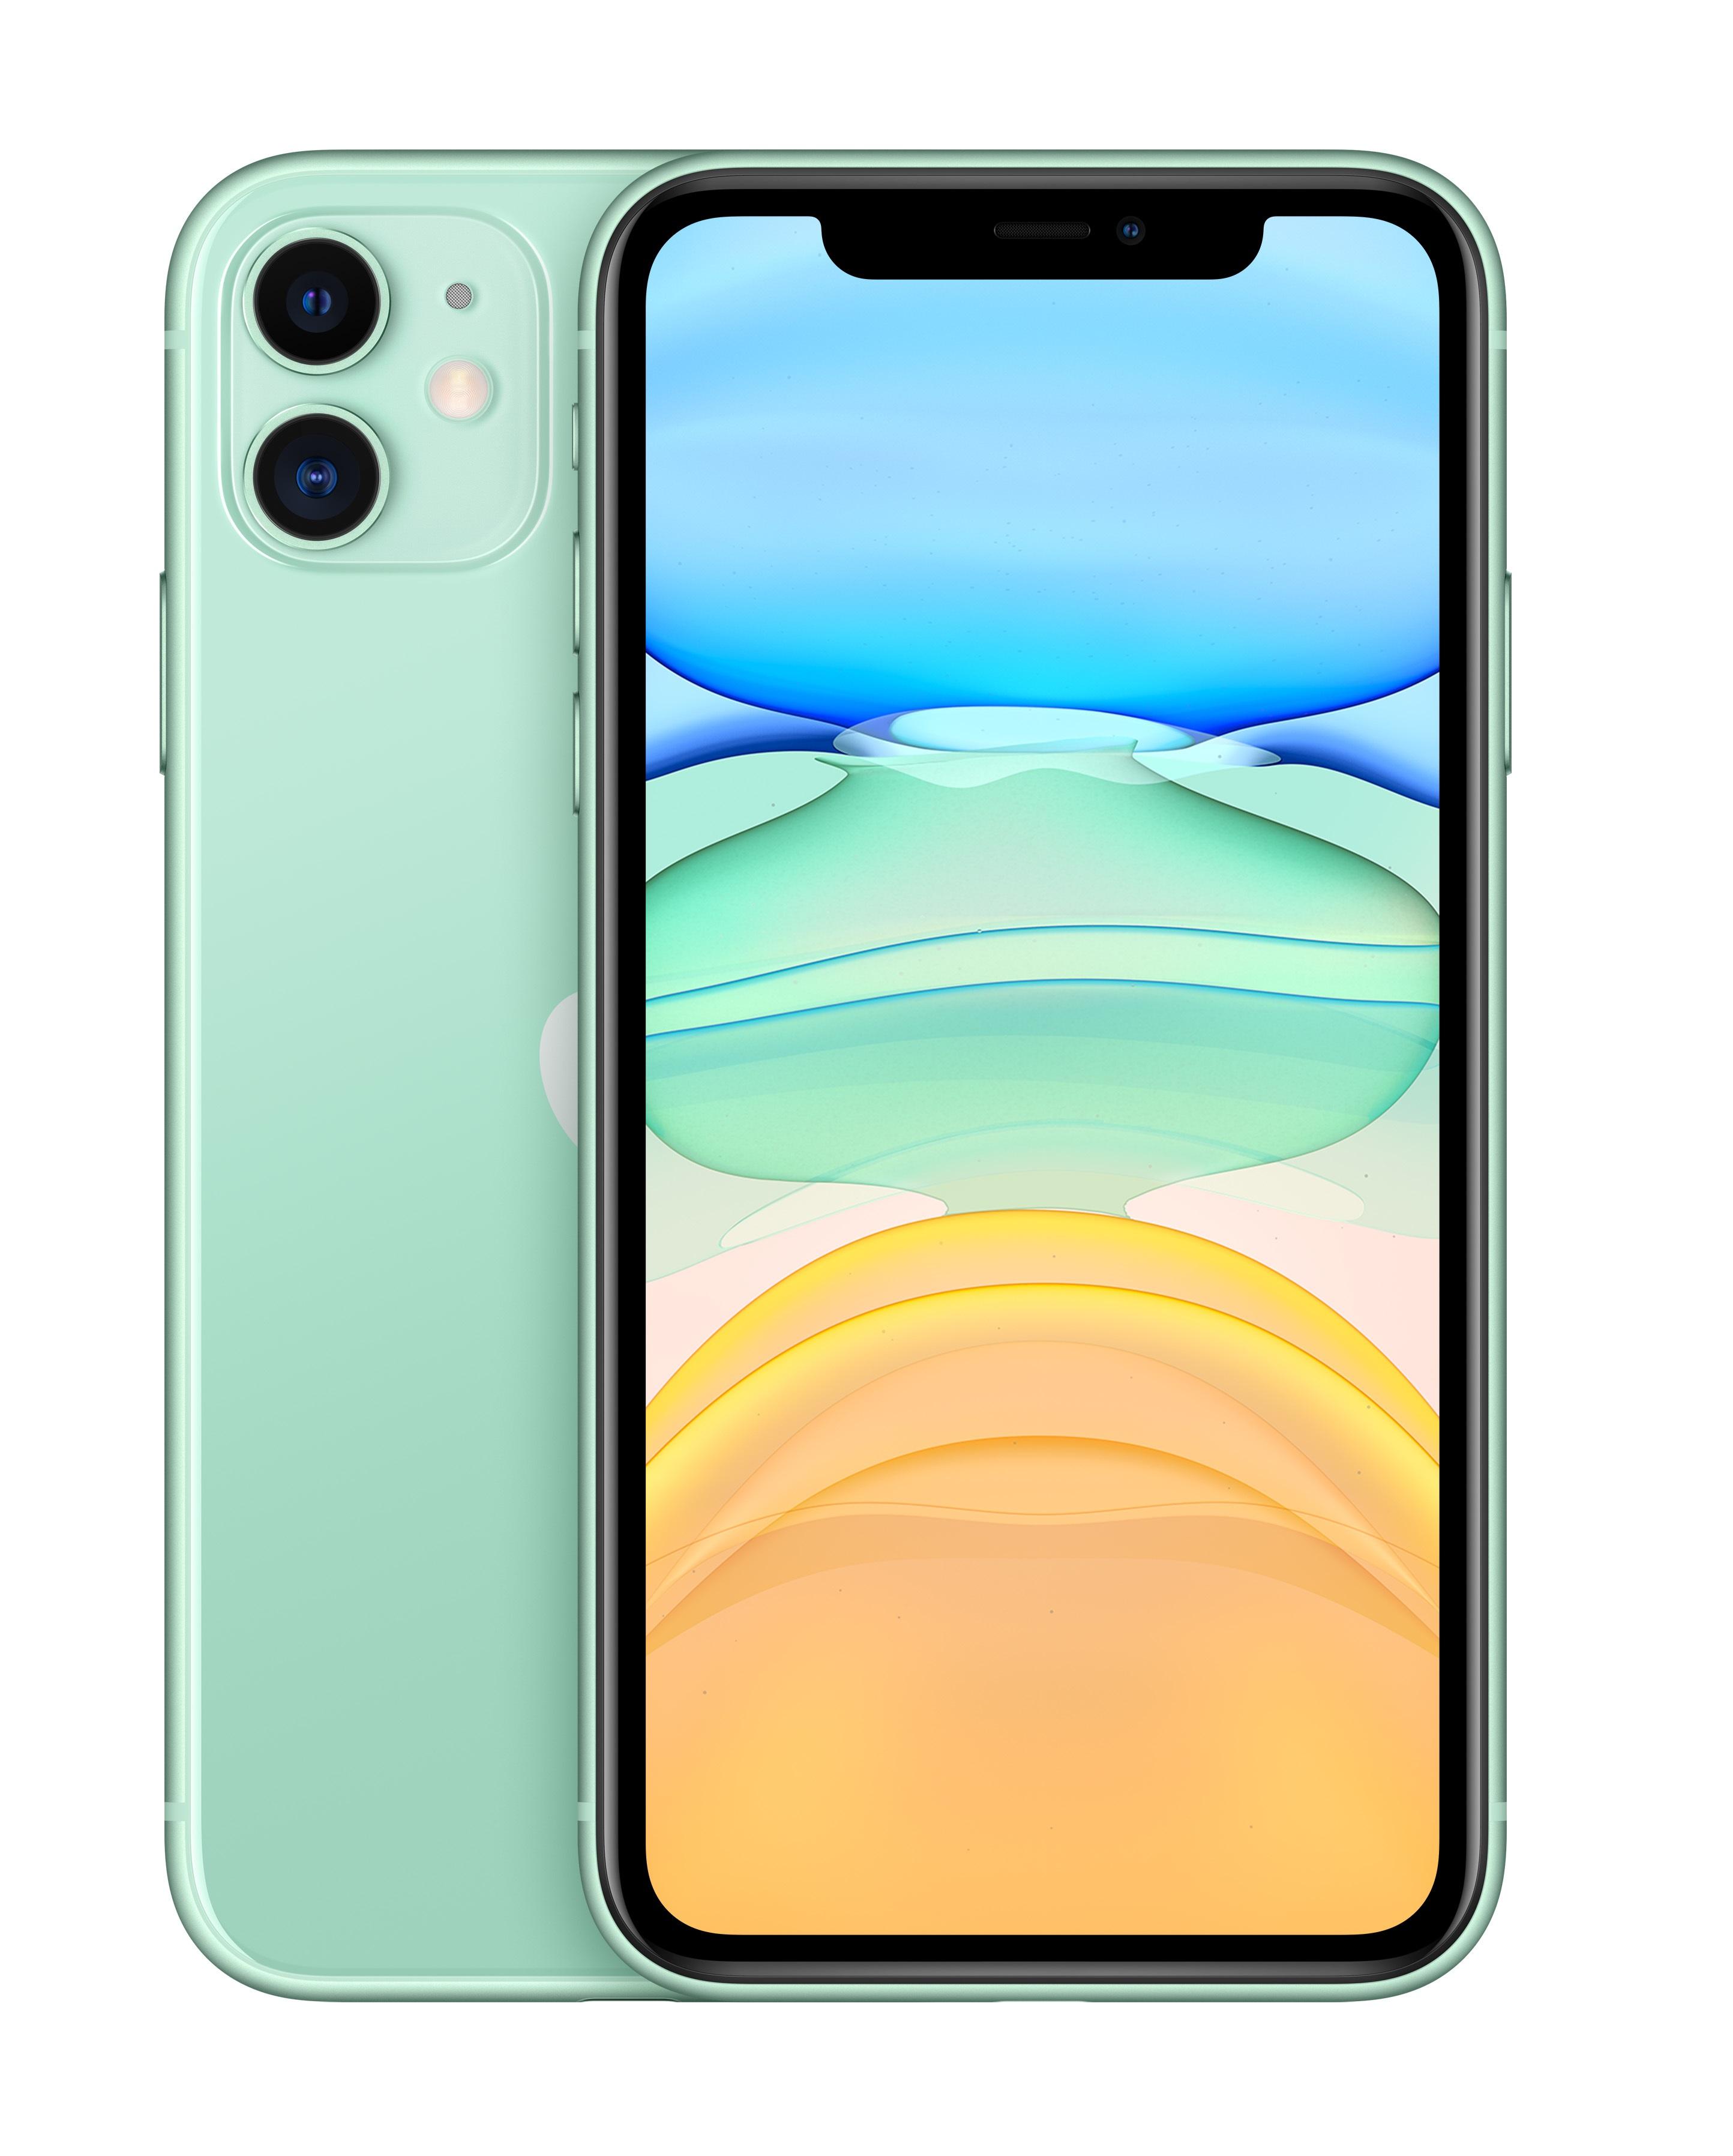 Renewd Apple iPhone 11 Green 128GB